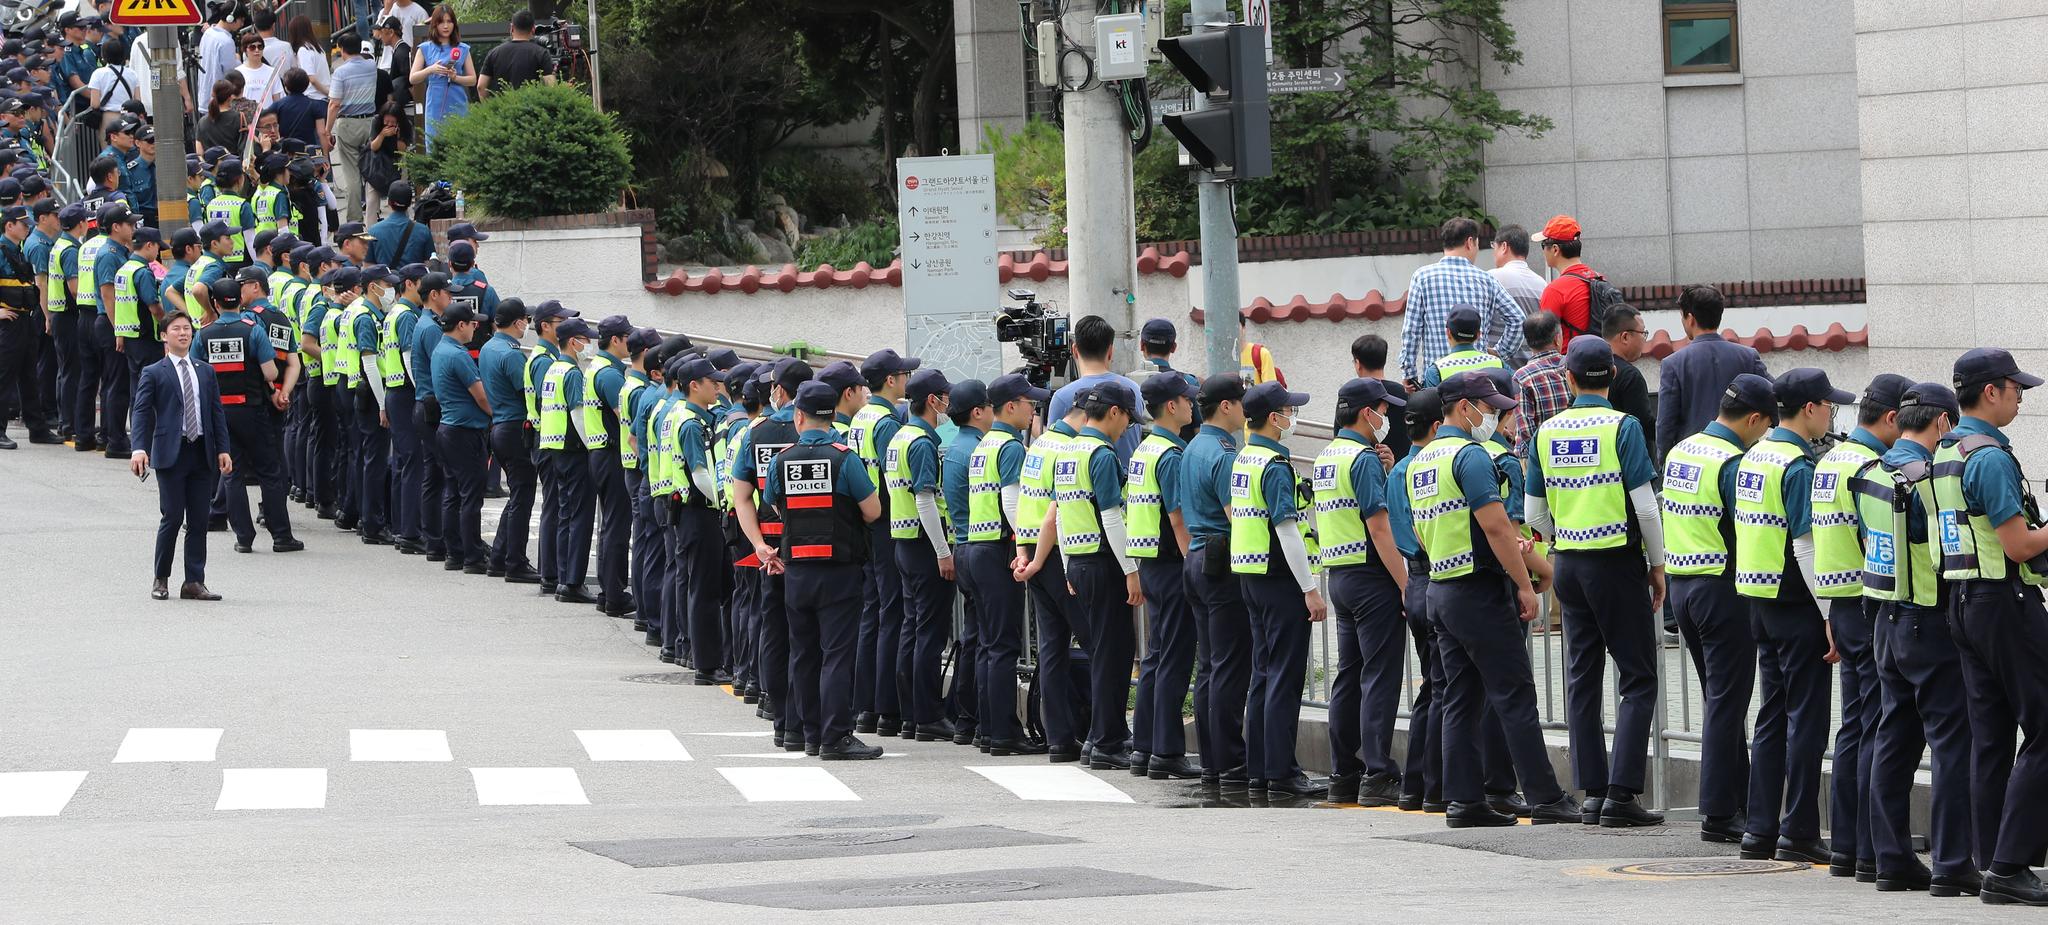 30일 오전 도널드 트럼프 미국 대통령이 묵고 있는 서울 남산 그랜드 하얏트 서울 호텔을 경찰들이 애워싸고 있다. [뉴시스]